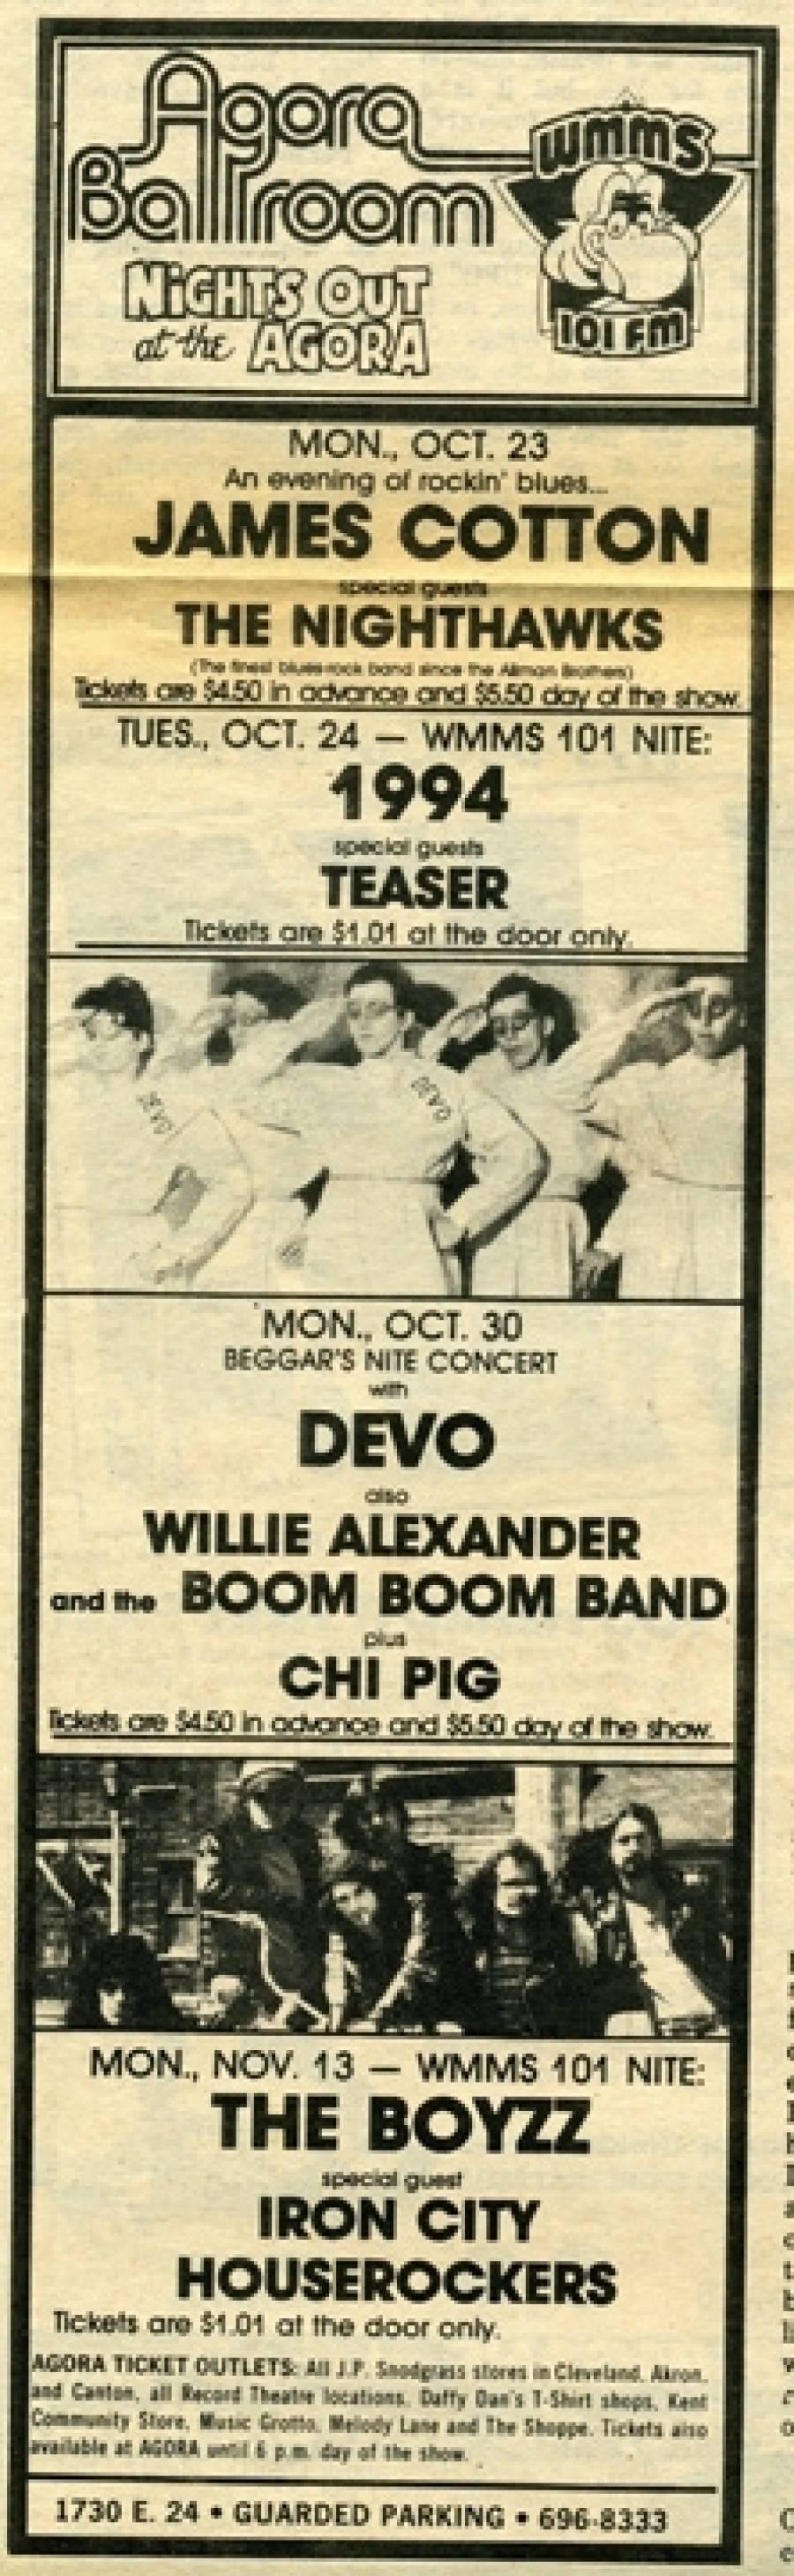 Agora Ballroom Show Advert 1978